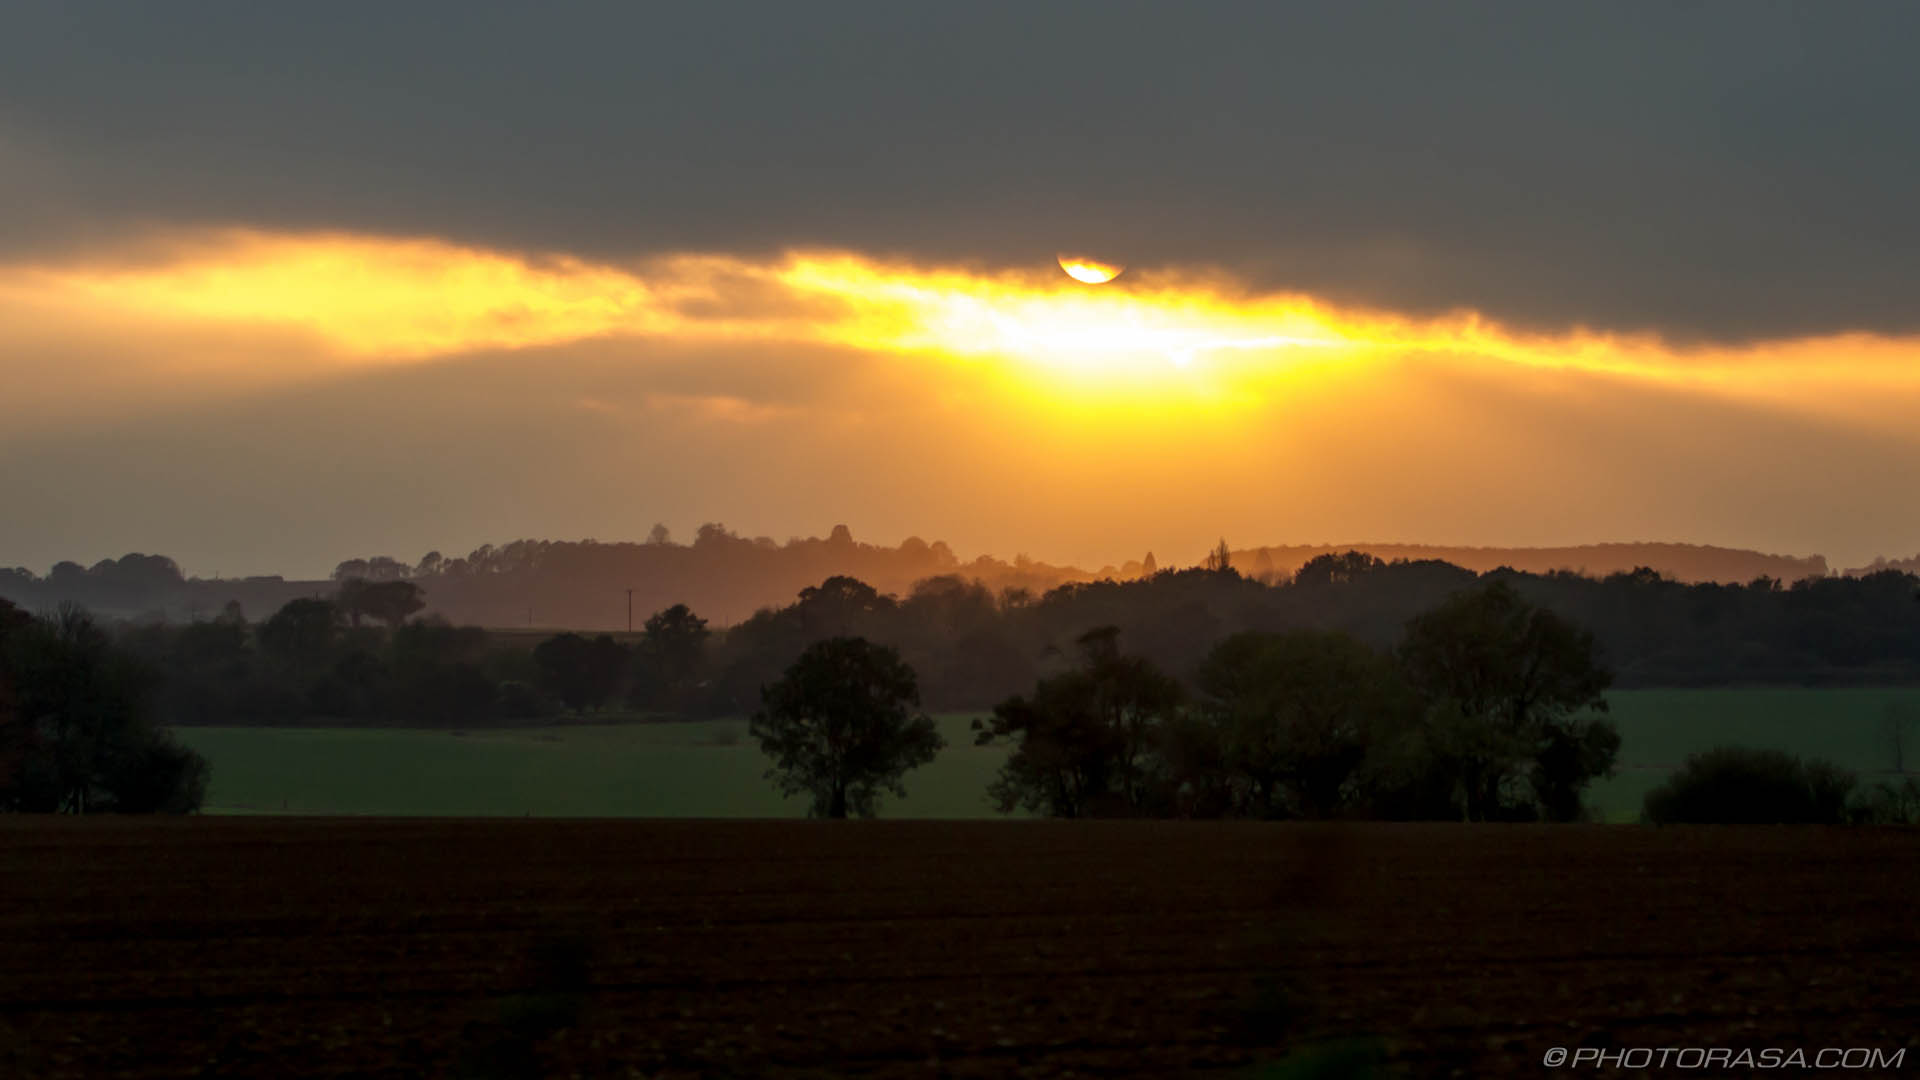 https://photorasa.com/sun-shining-through-the-clouds/sun-shining-under-cloud/